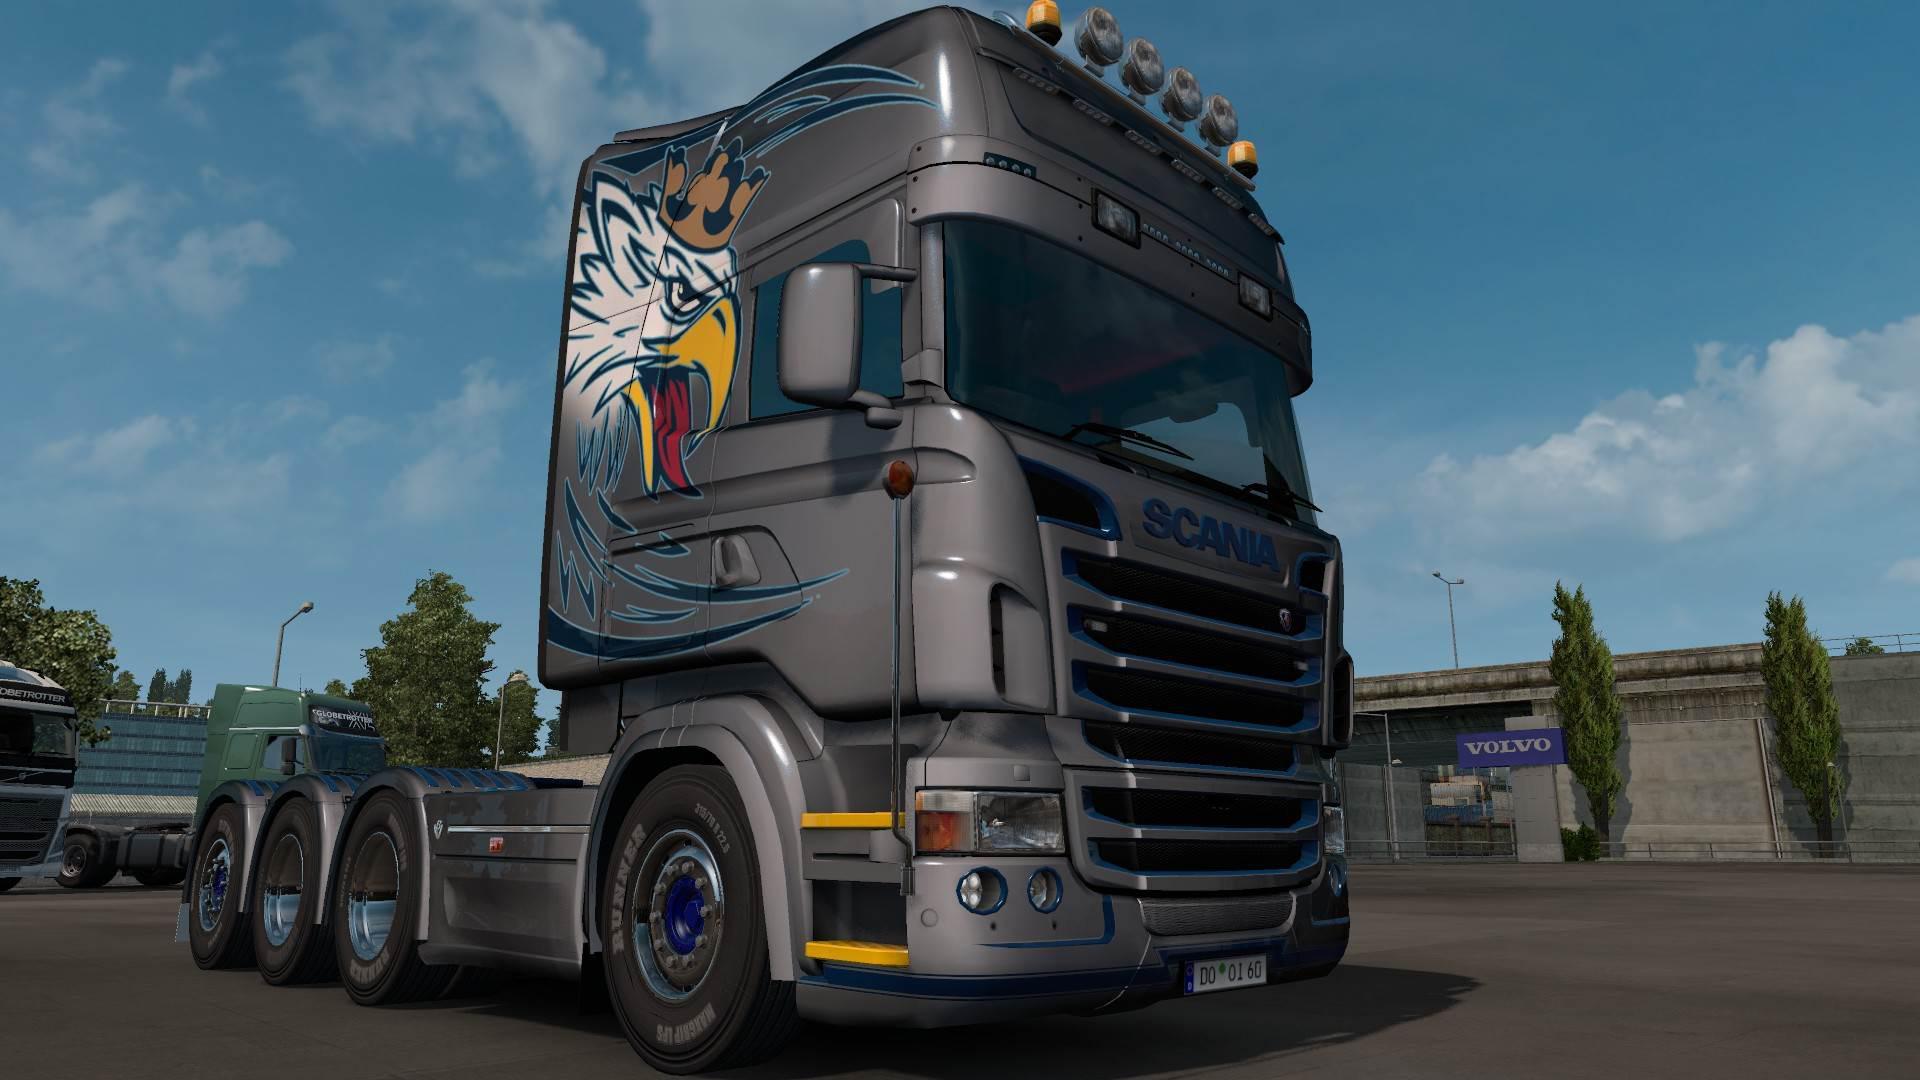 ETS2 - Scania RJL Topline Griffin Skin V1.0 (1.35.X)